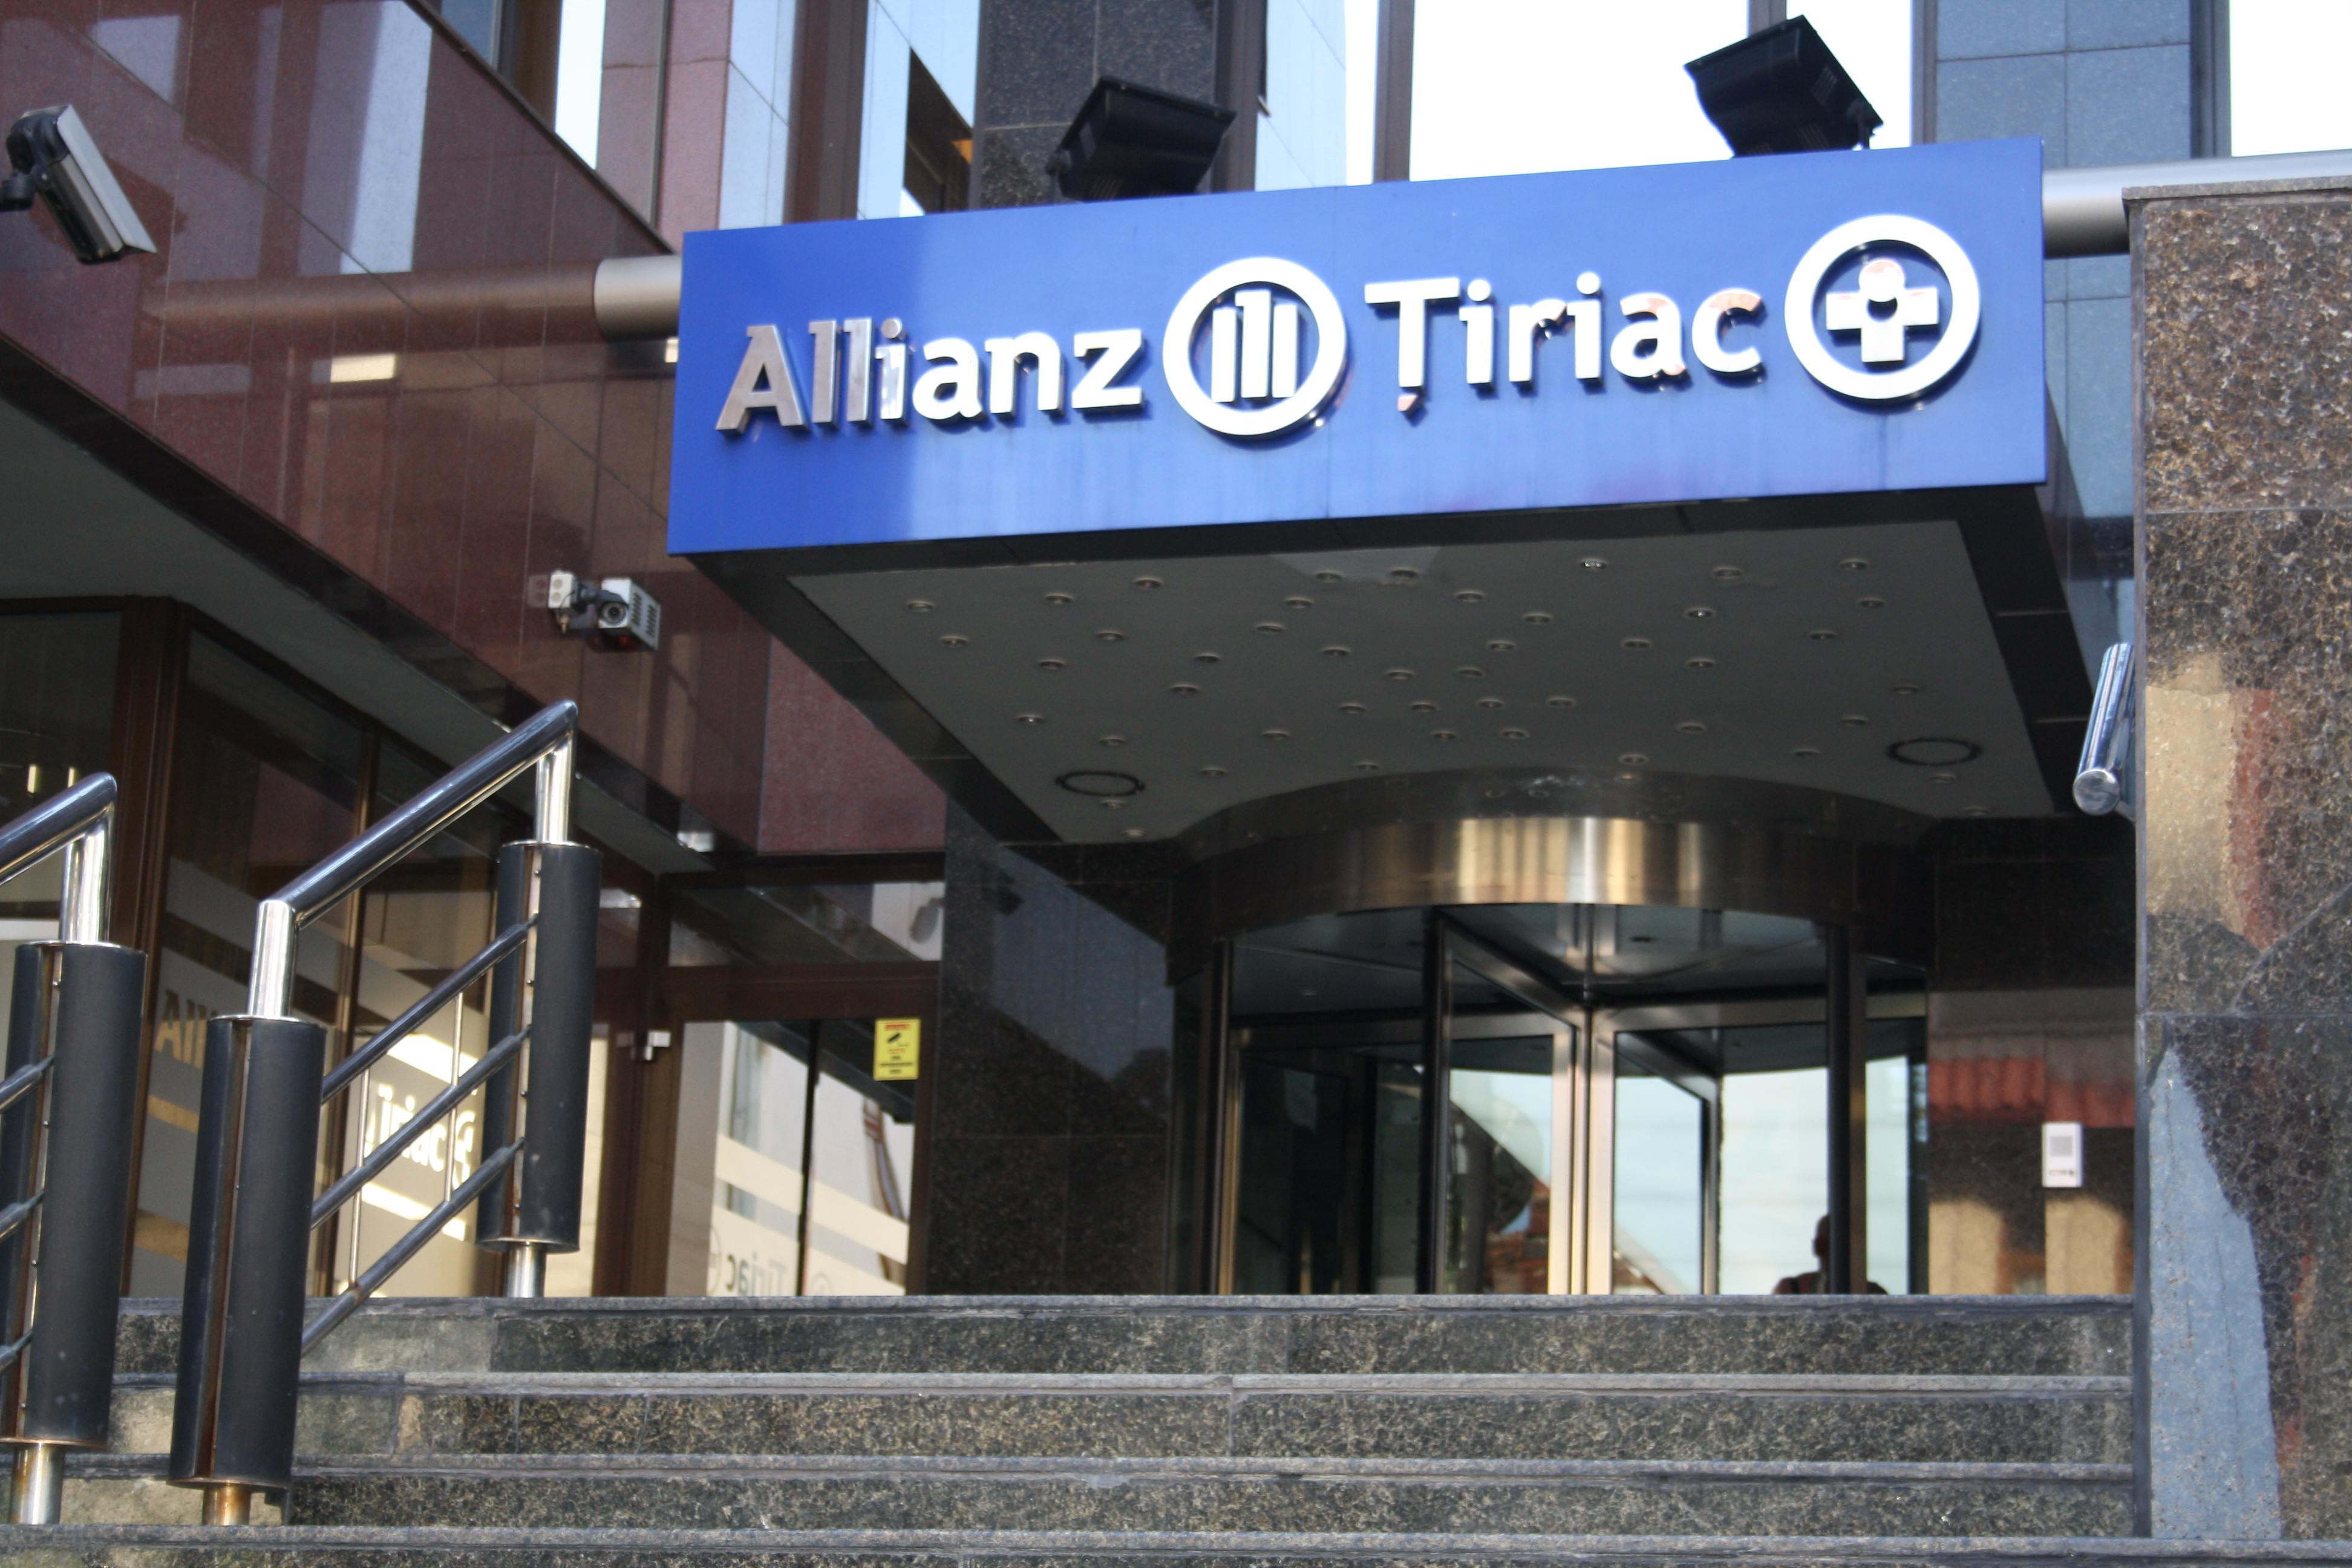 Allianz-Tiriac in S1 2020: cifre de business peste asteptari, grija pentru oameni - principala preocupare